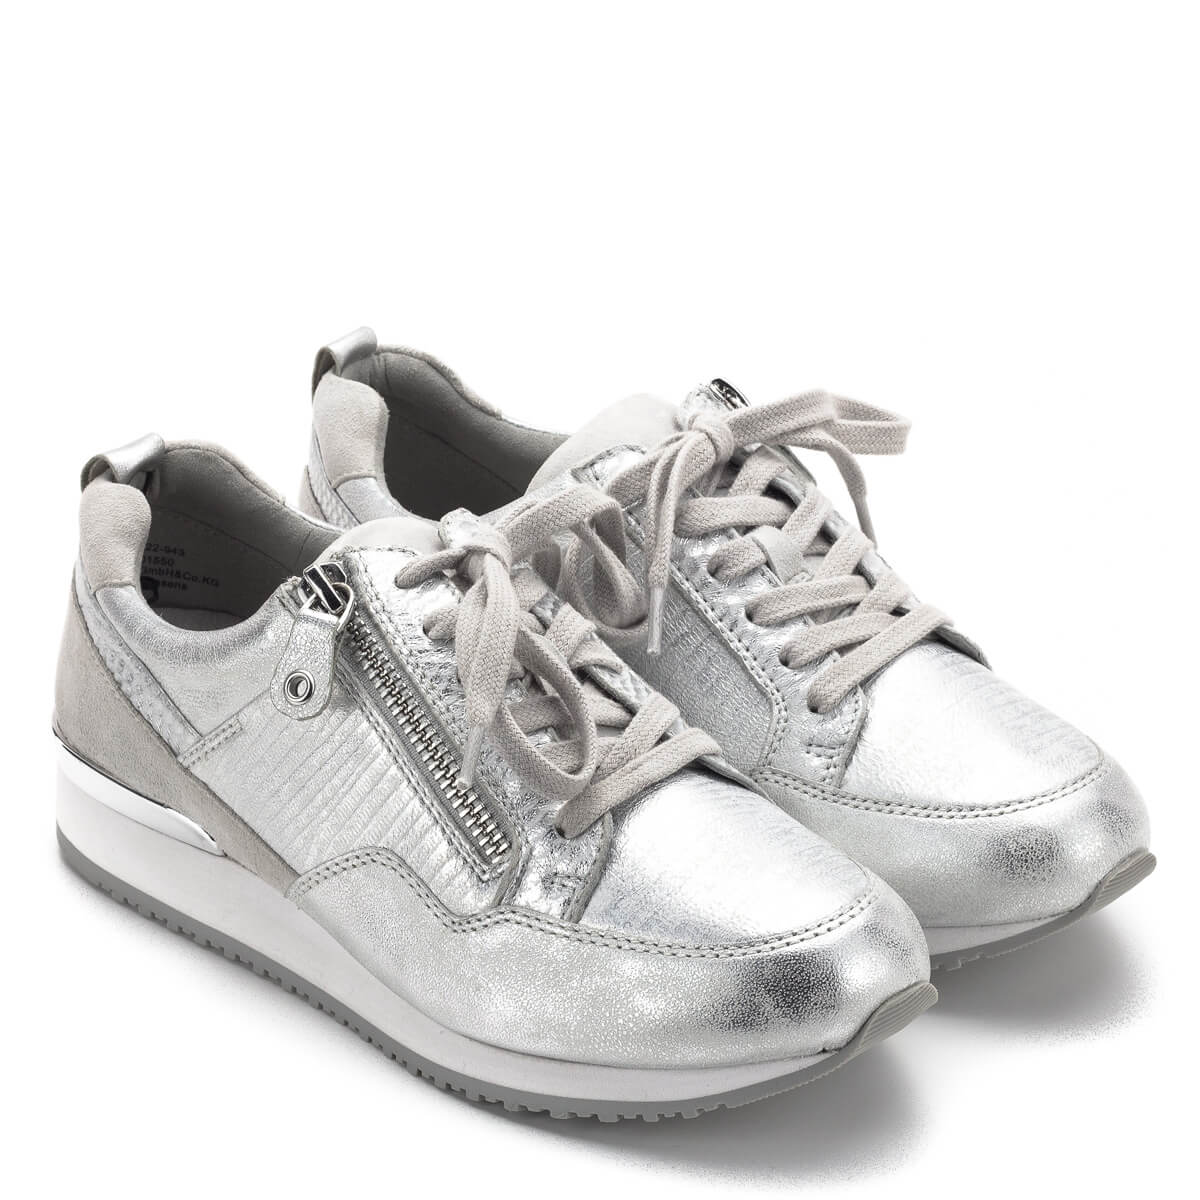 0567b4a190 Caprice cipők - Női bőr cipők, szandálok, csizmák a Caprice kollekciójából